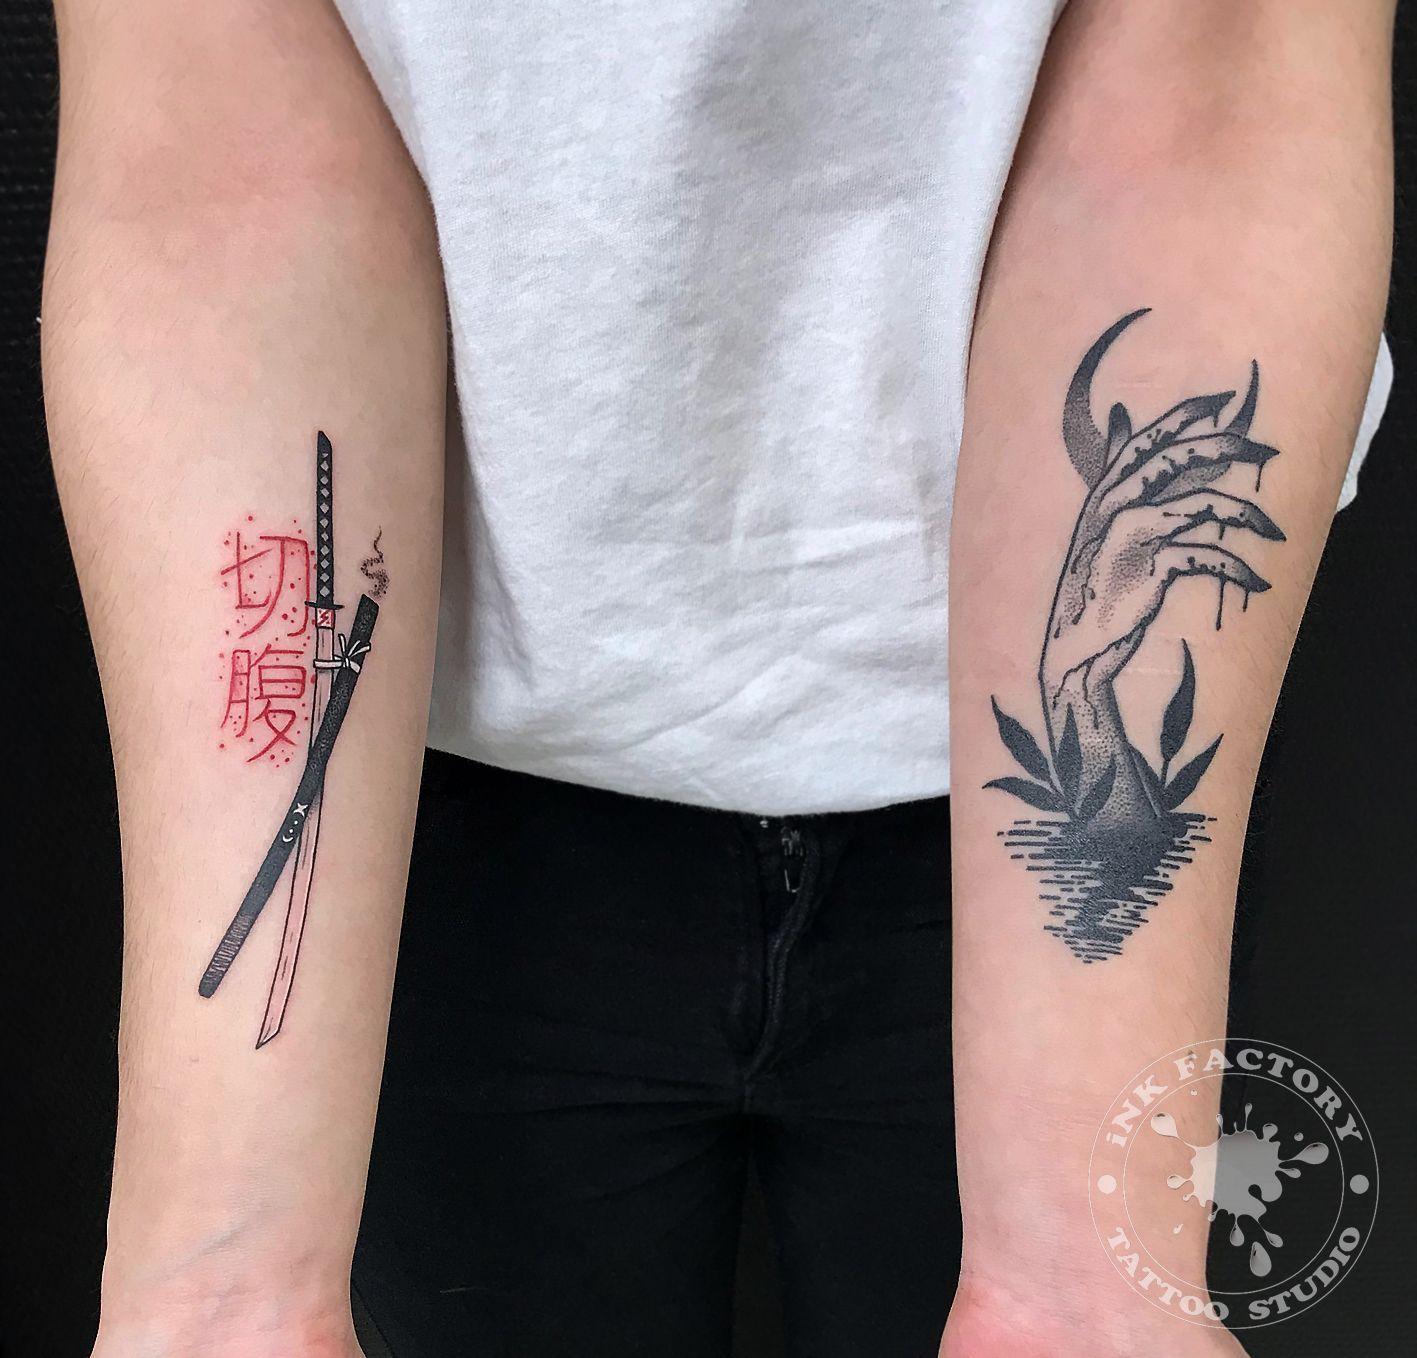 Меч самурая - сделано в InkFactory